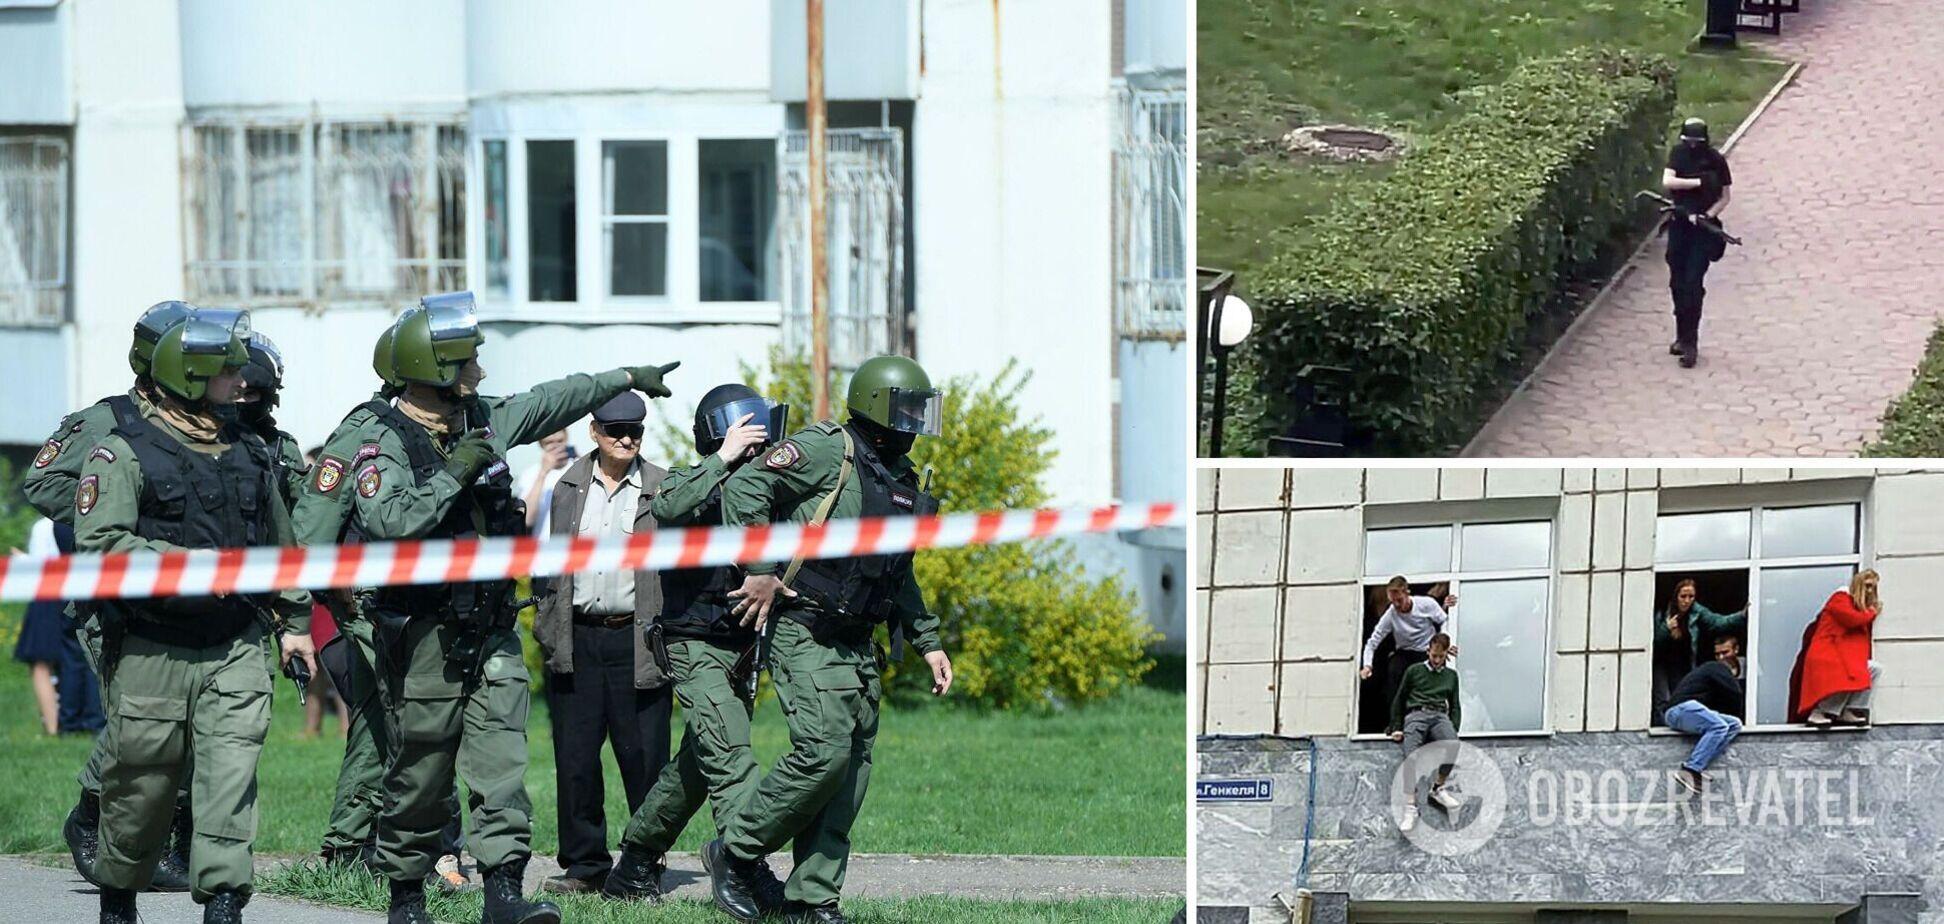 Силовики открыли ответный огонь: момент нейтрализации стрелка в Перми попал на видео